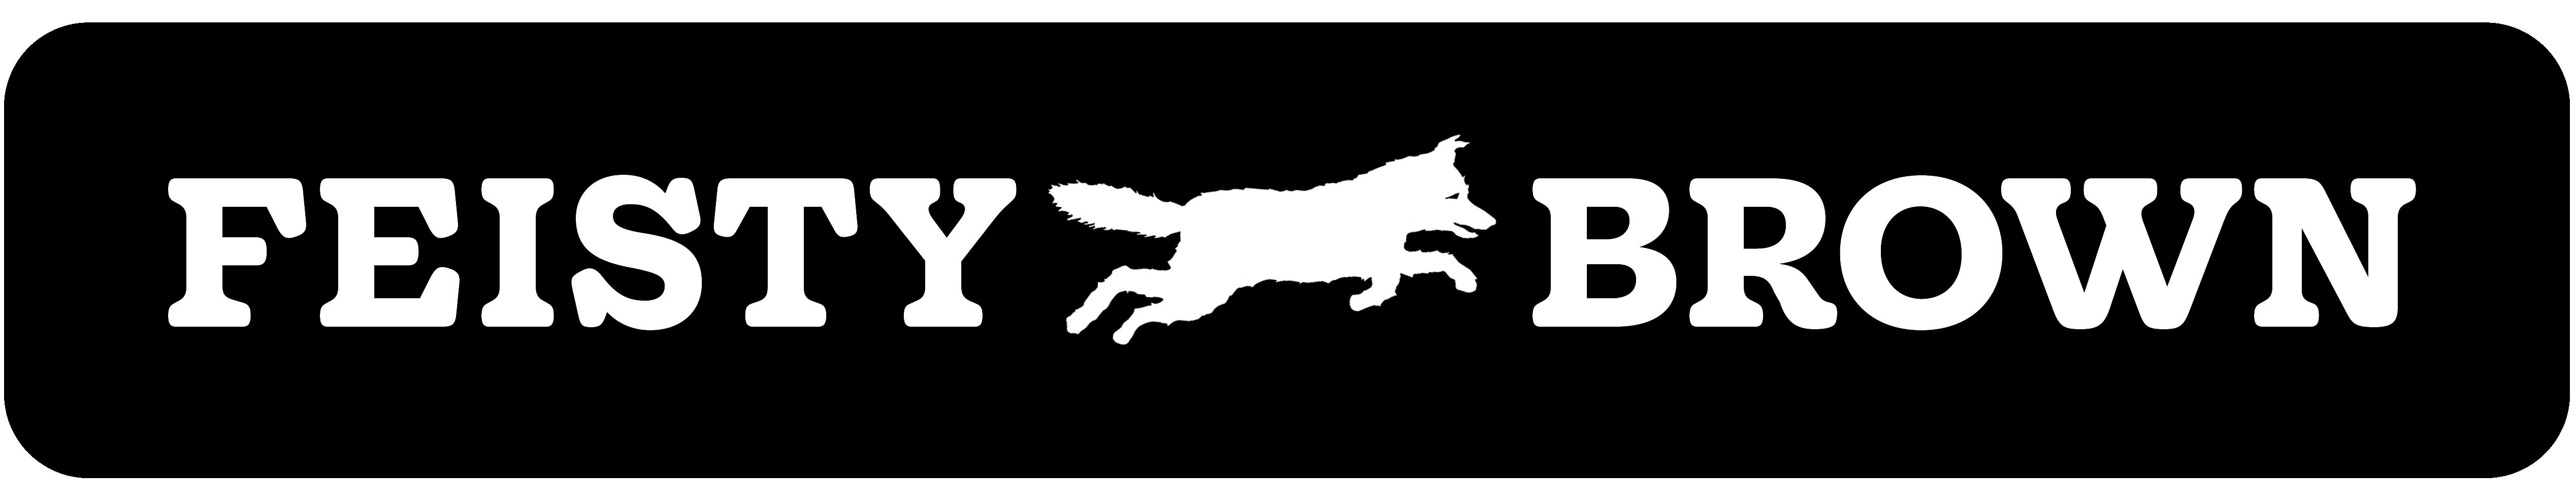 Feisty Brown logo